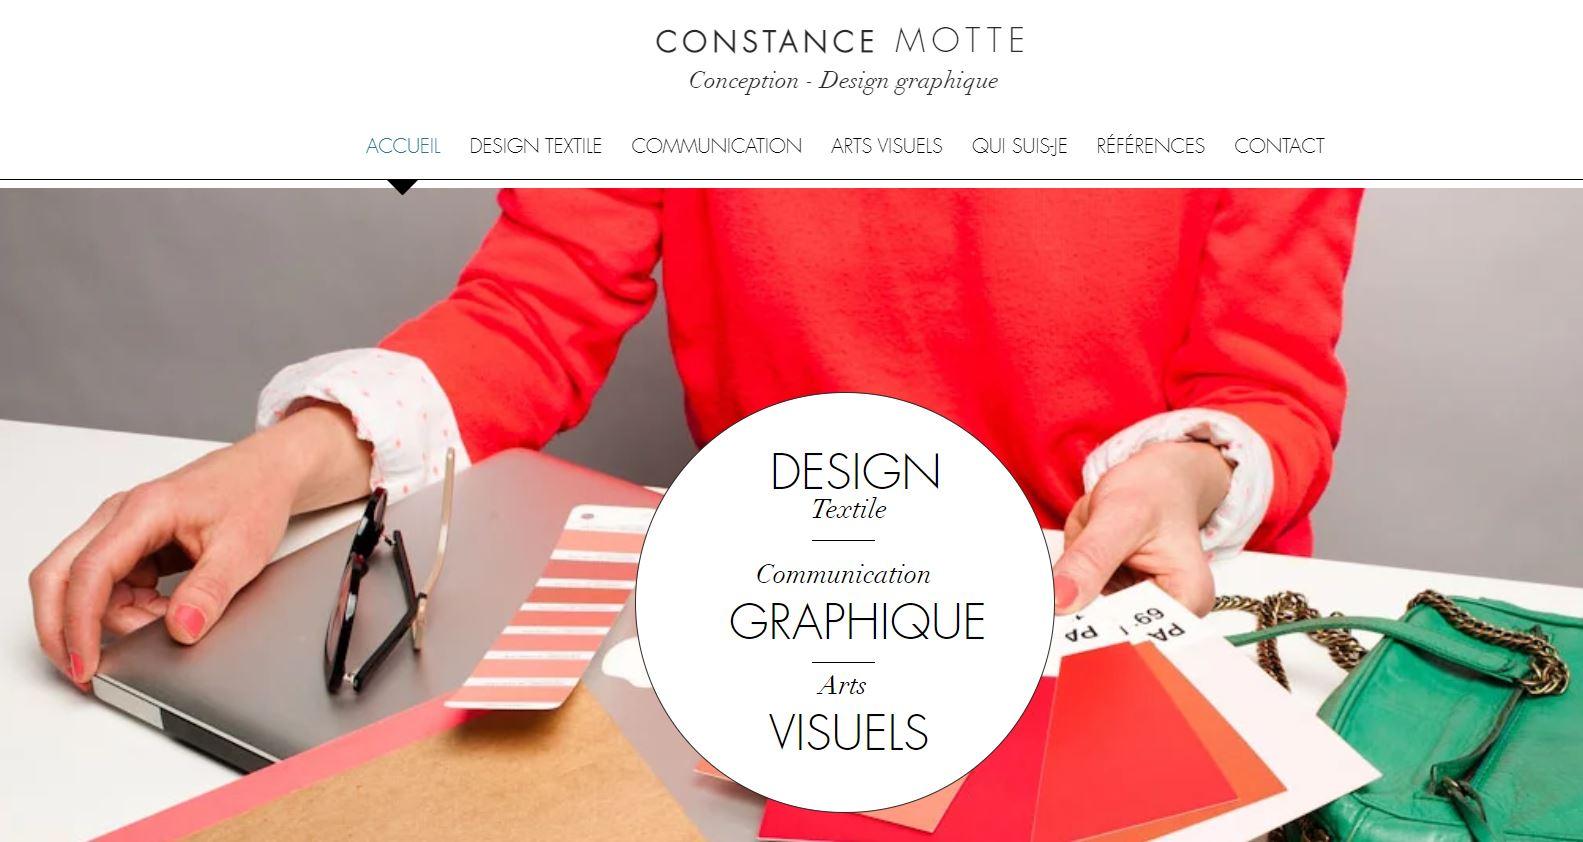 page accueil site constance motte conception design graphique